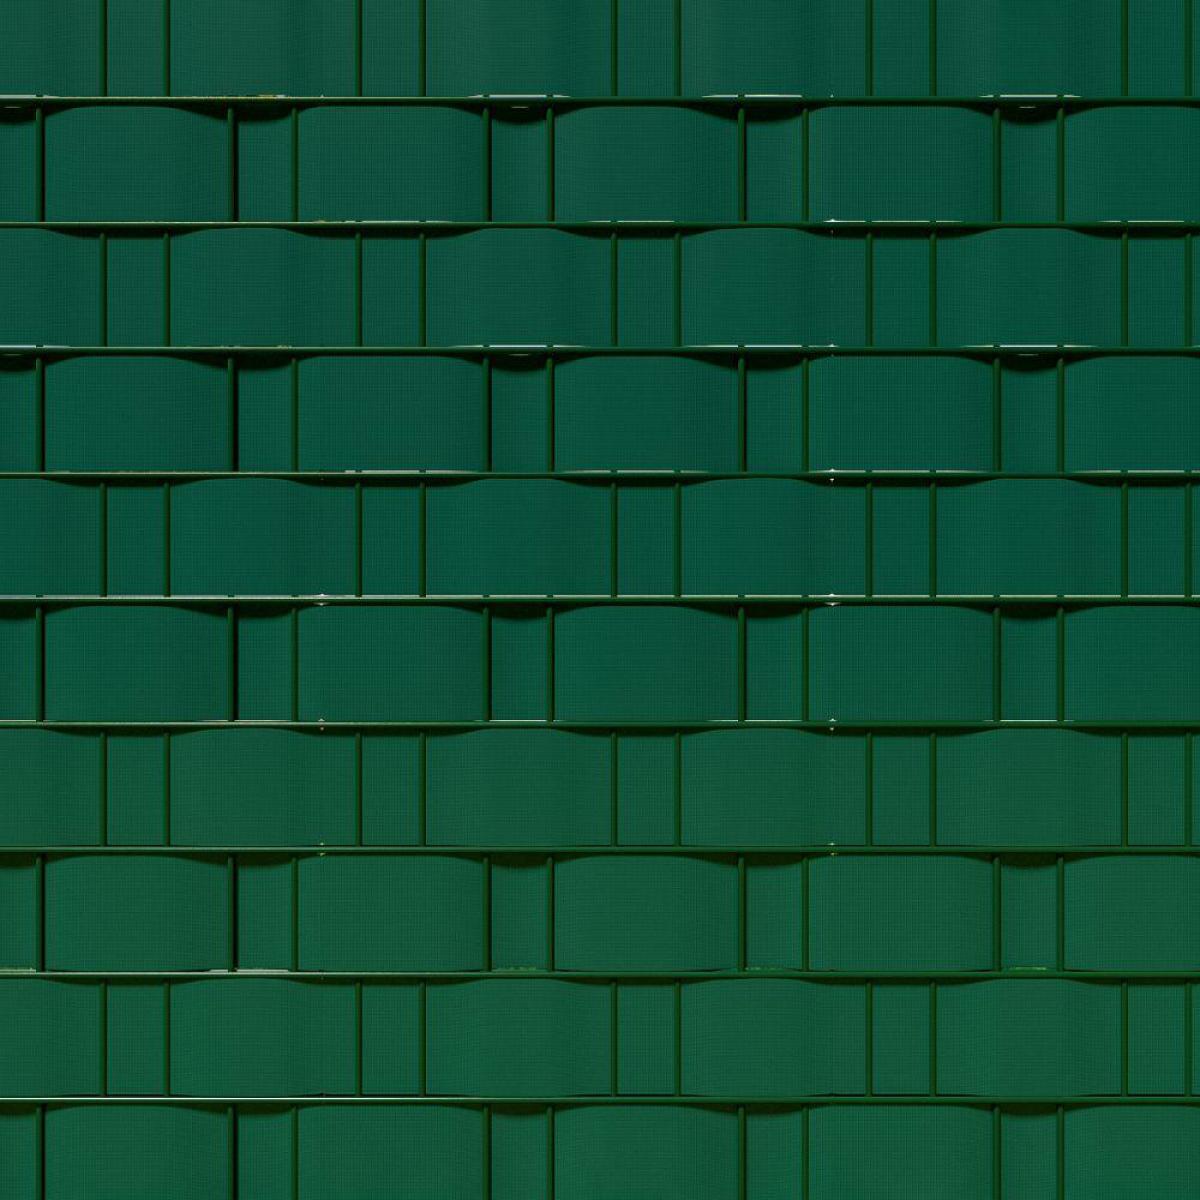 Helloshop26 Brise vue brise vent film anti regards clôture paravent PVC vert 35 m 2208239